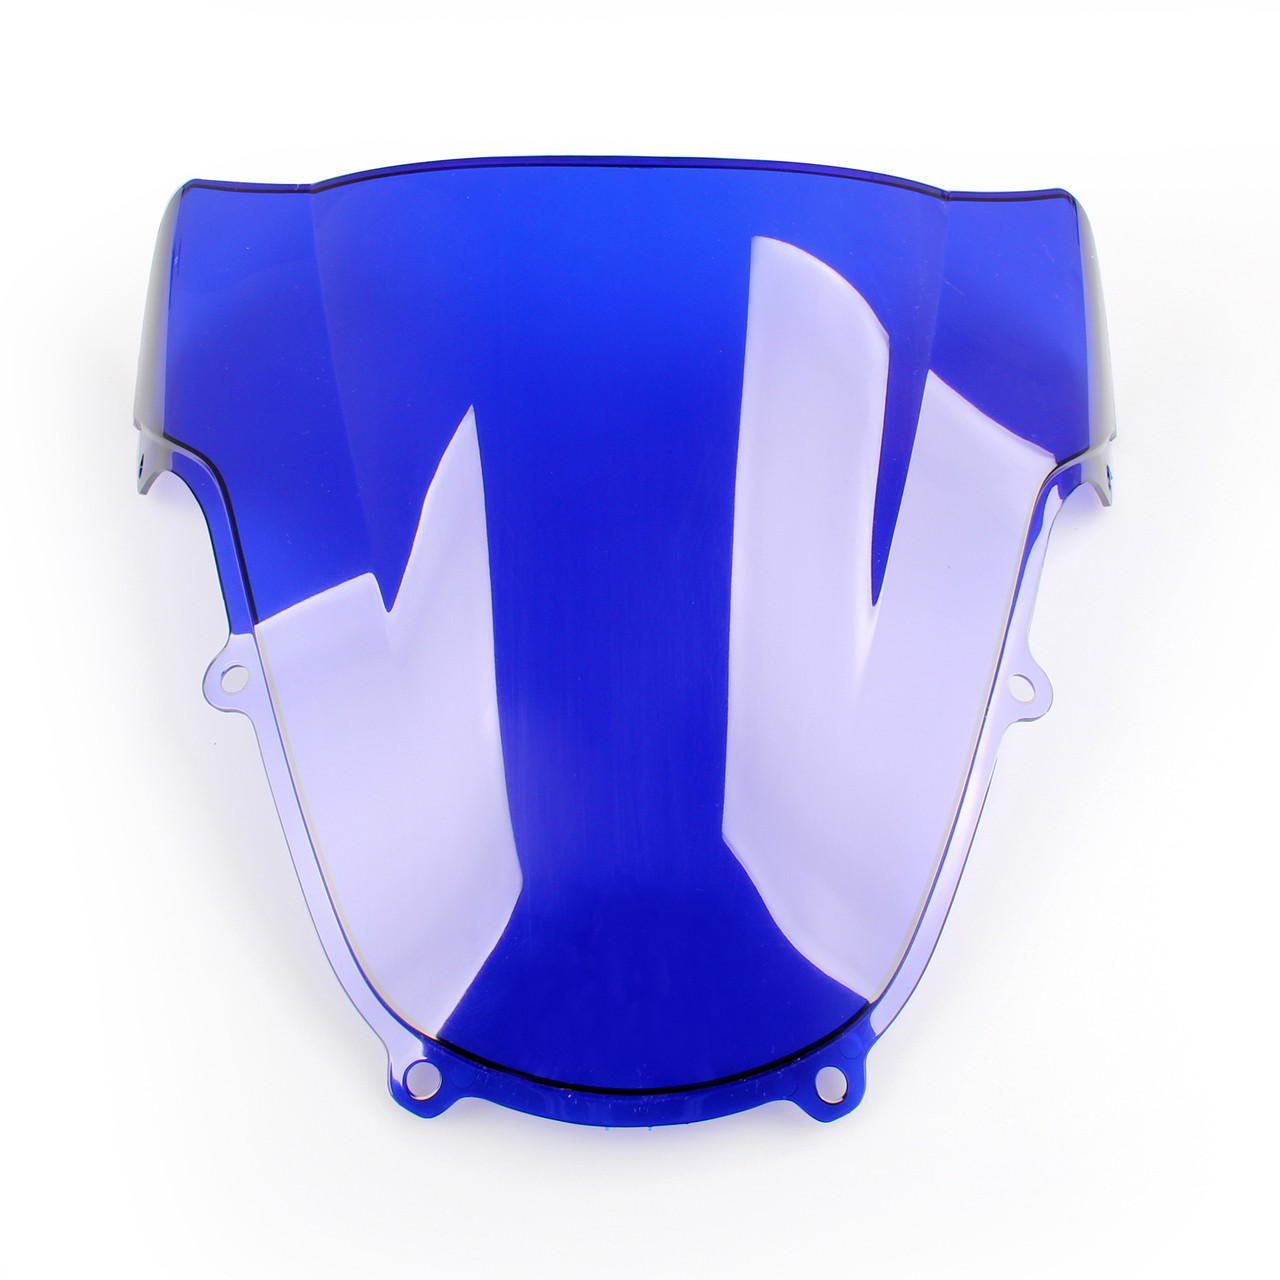 http://www.areyourshop.com/AMZ/MotoPart/Windshield/Suzuki/WIN-S302-Blue-1.jpg